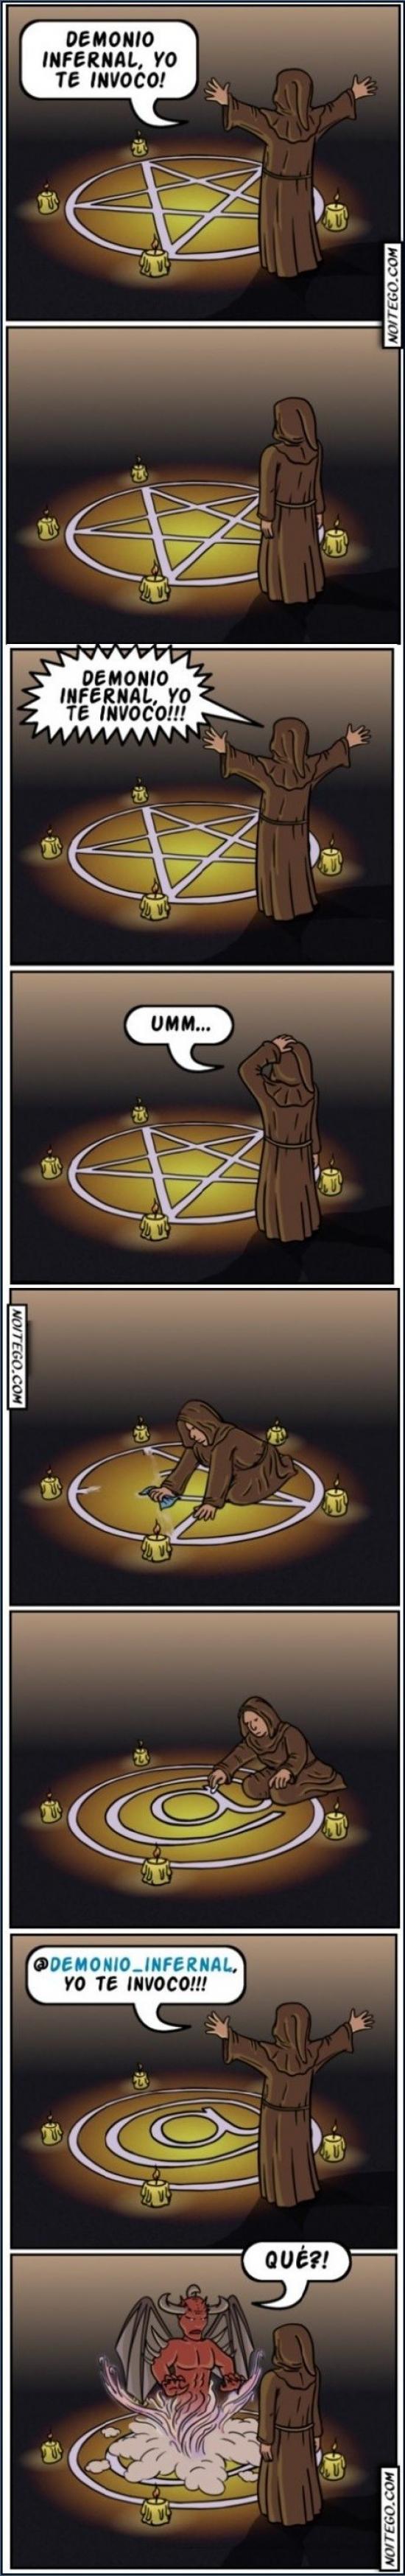 Otros - Los problemas de no saber invocar correctamente al demonio